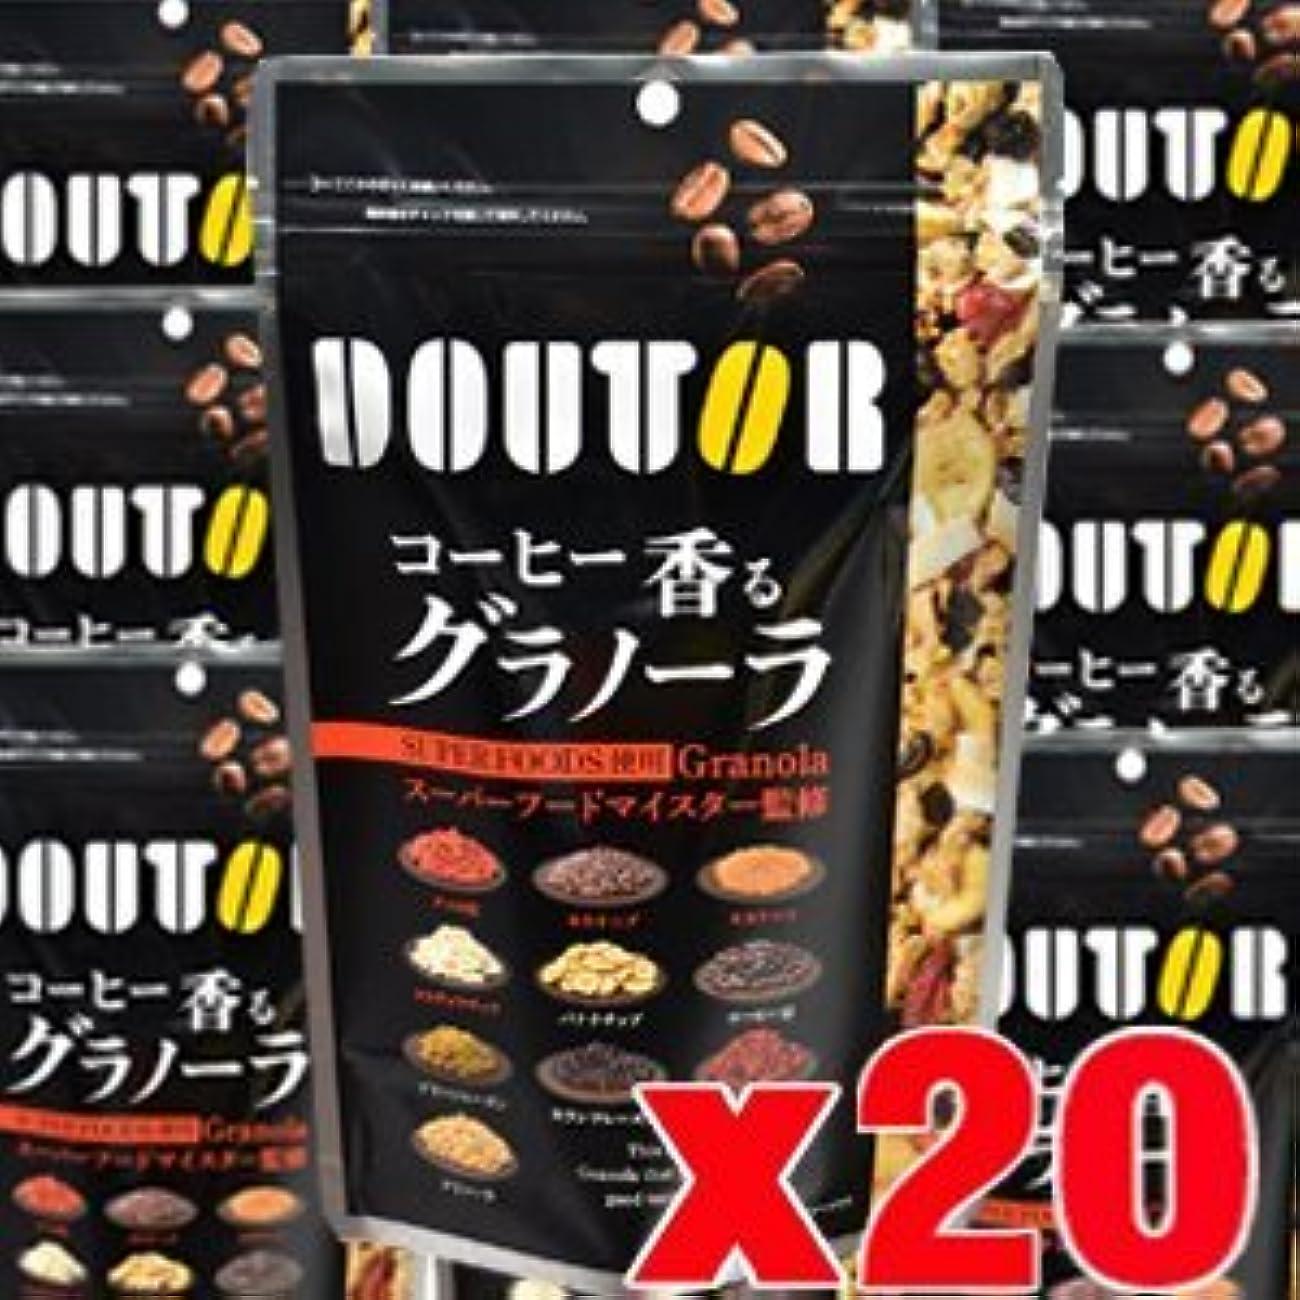 不機嫌観察供給【20個】 ドトール コーヒー香るグラノーラ 210gx20個 (4946763053654-20)